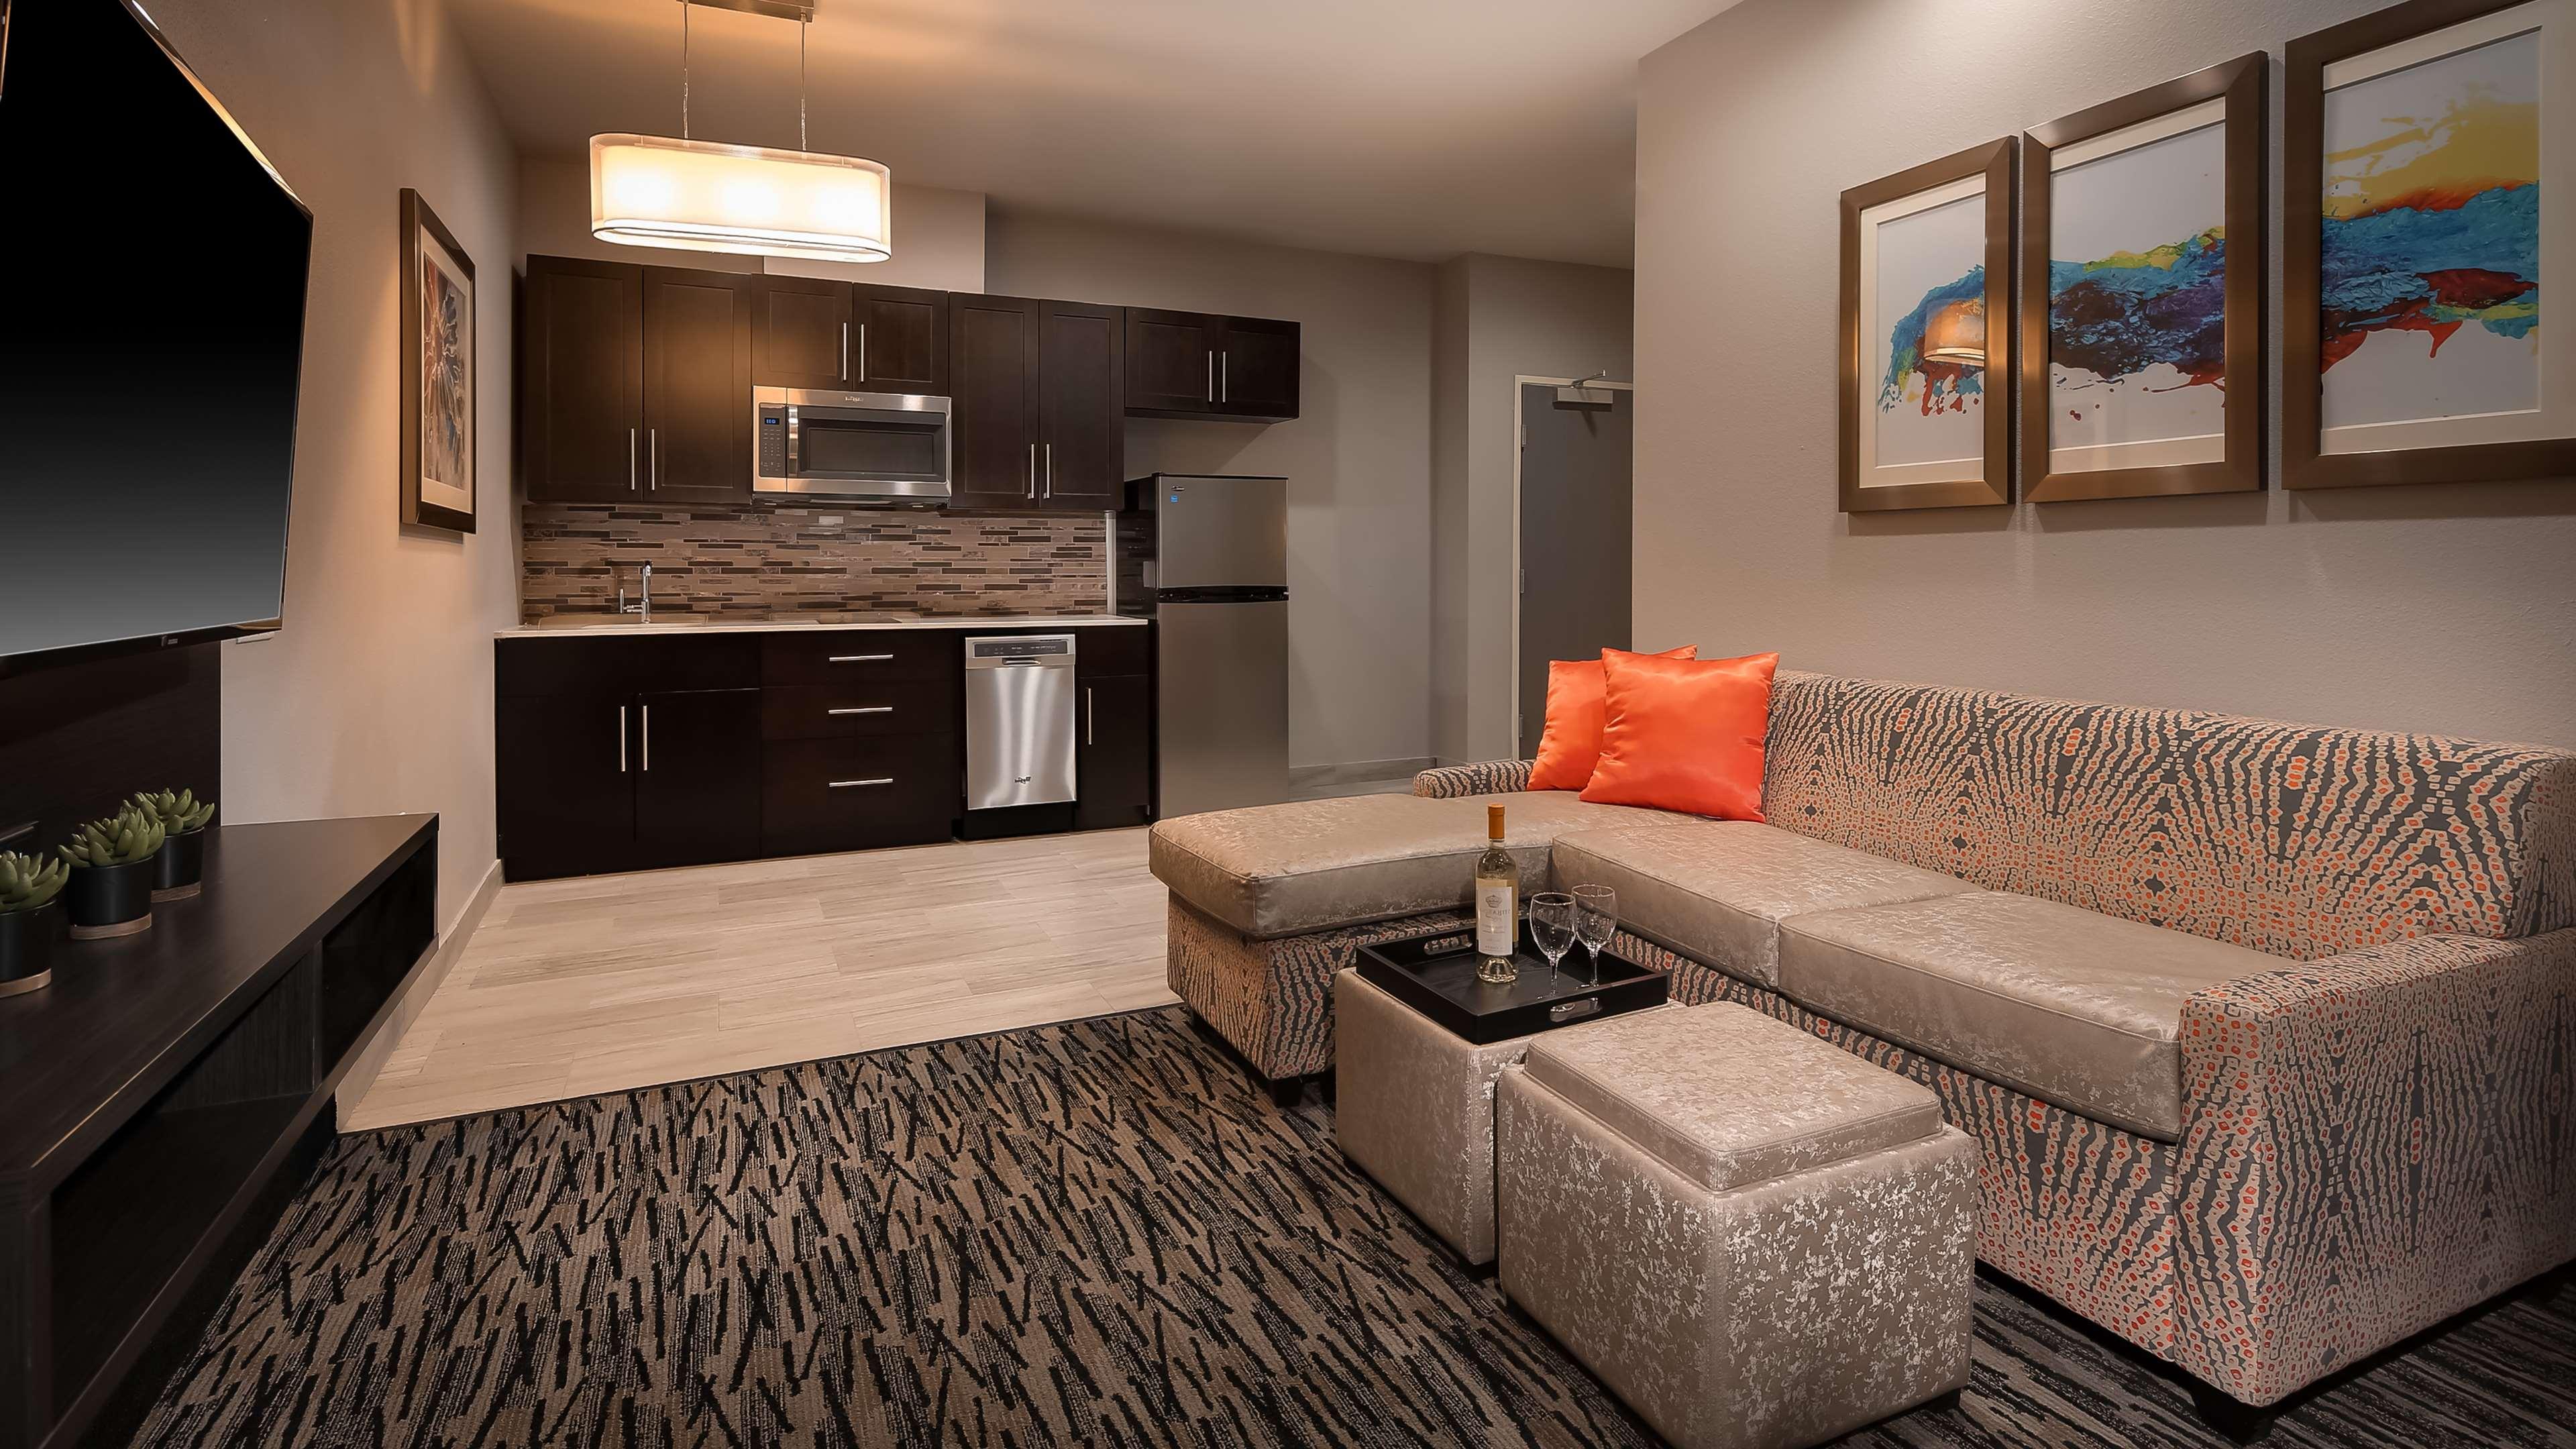 Best Western Plus Executive Residency Baytown image 37